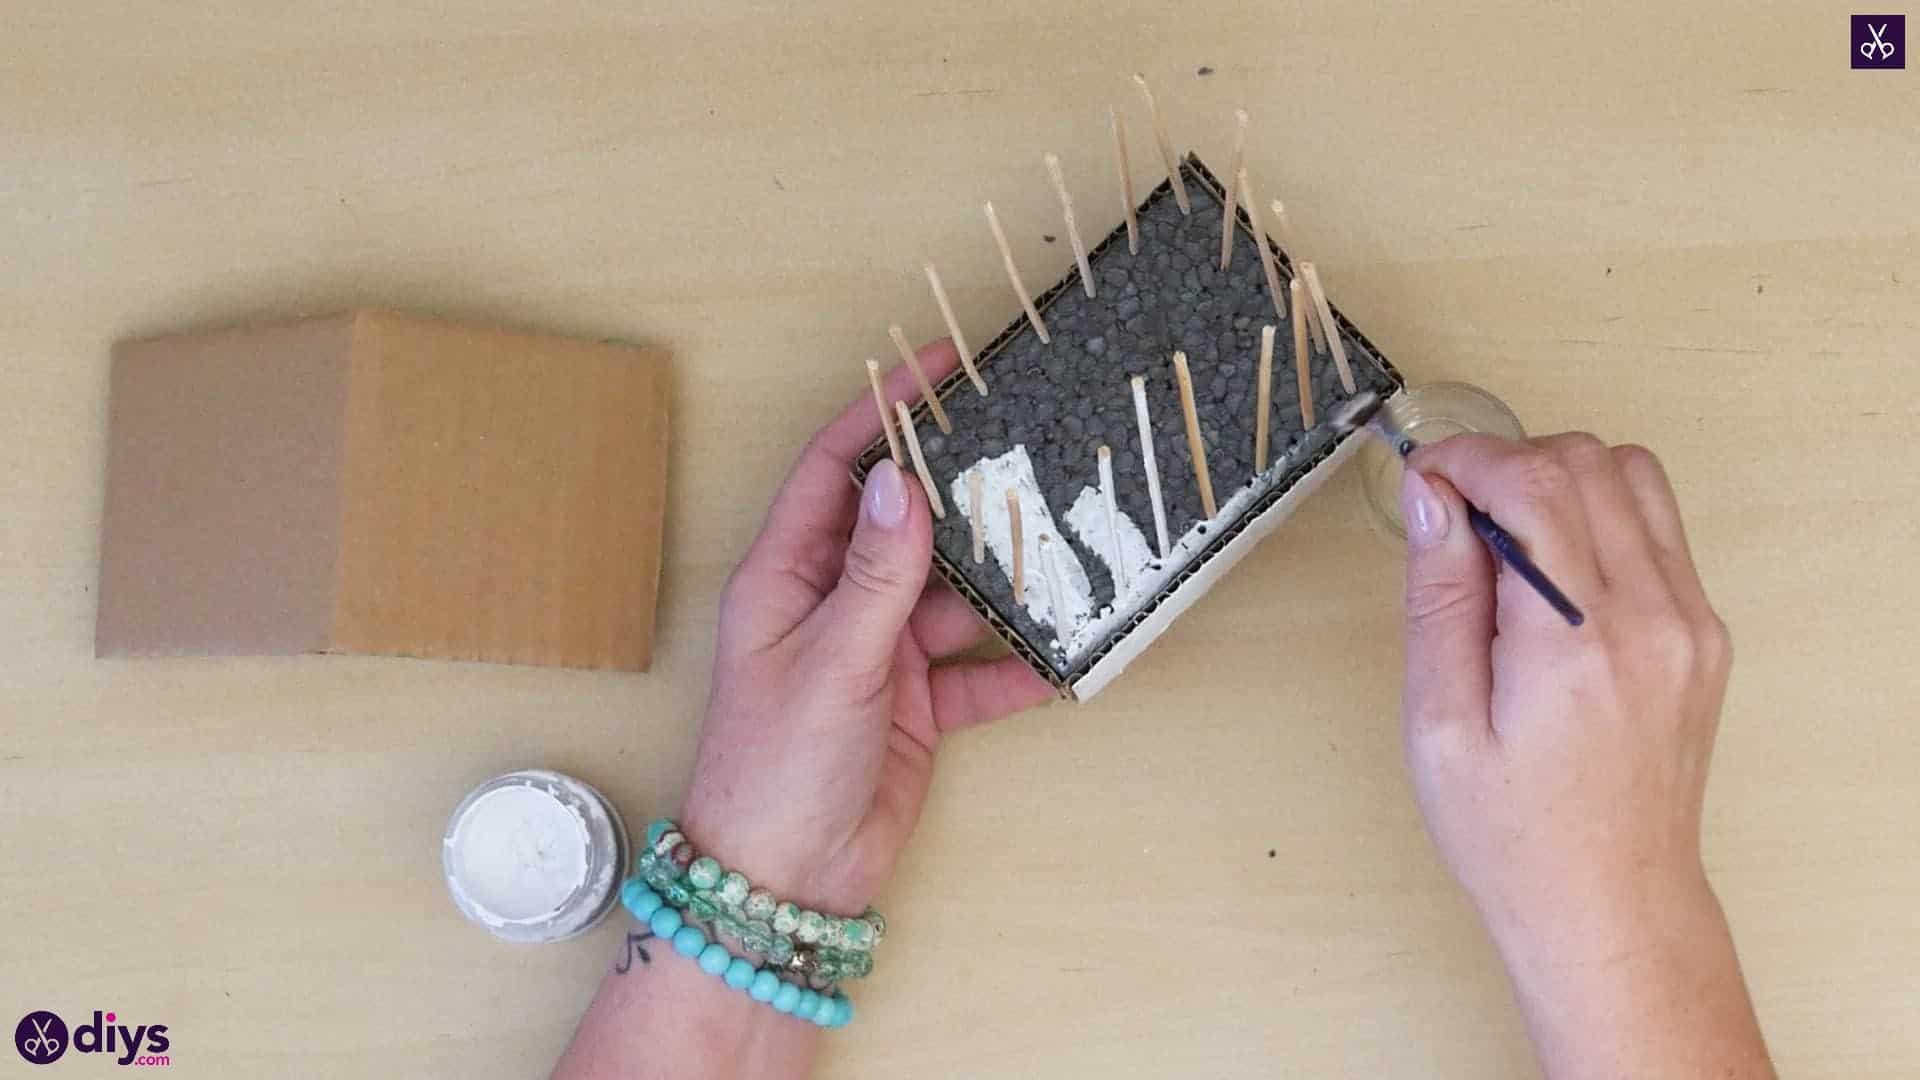 Diy miniature cage centerpiece step 8a